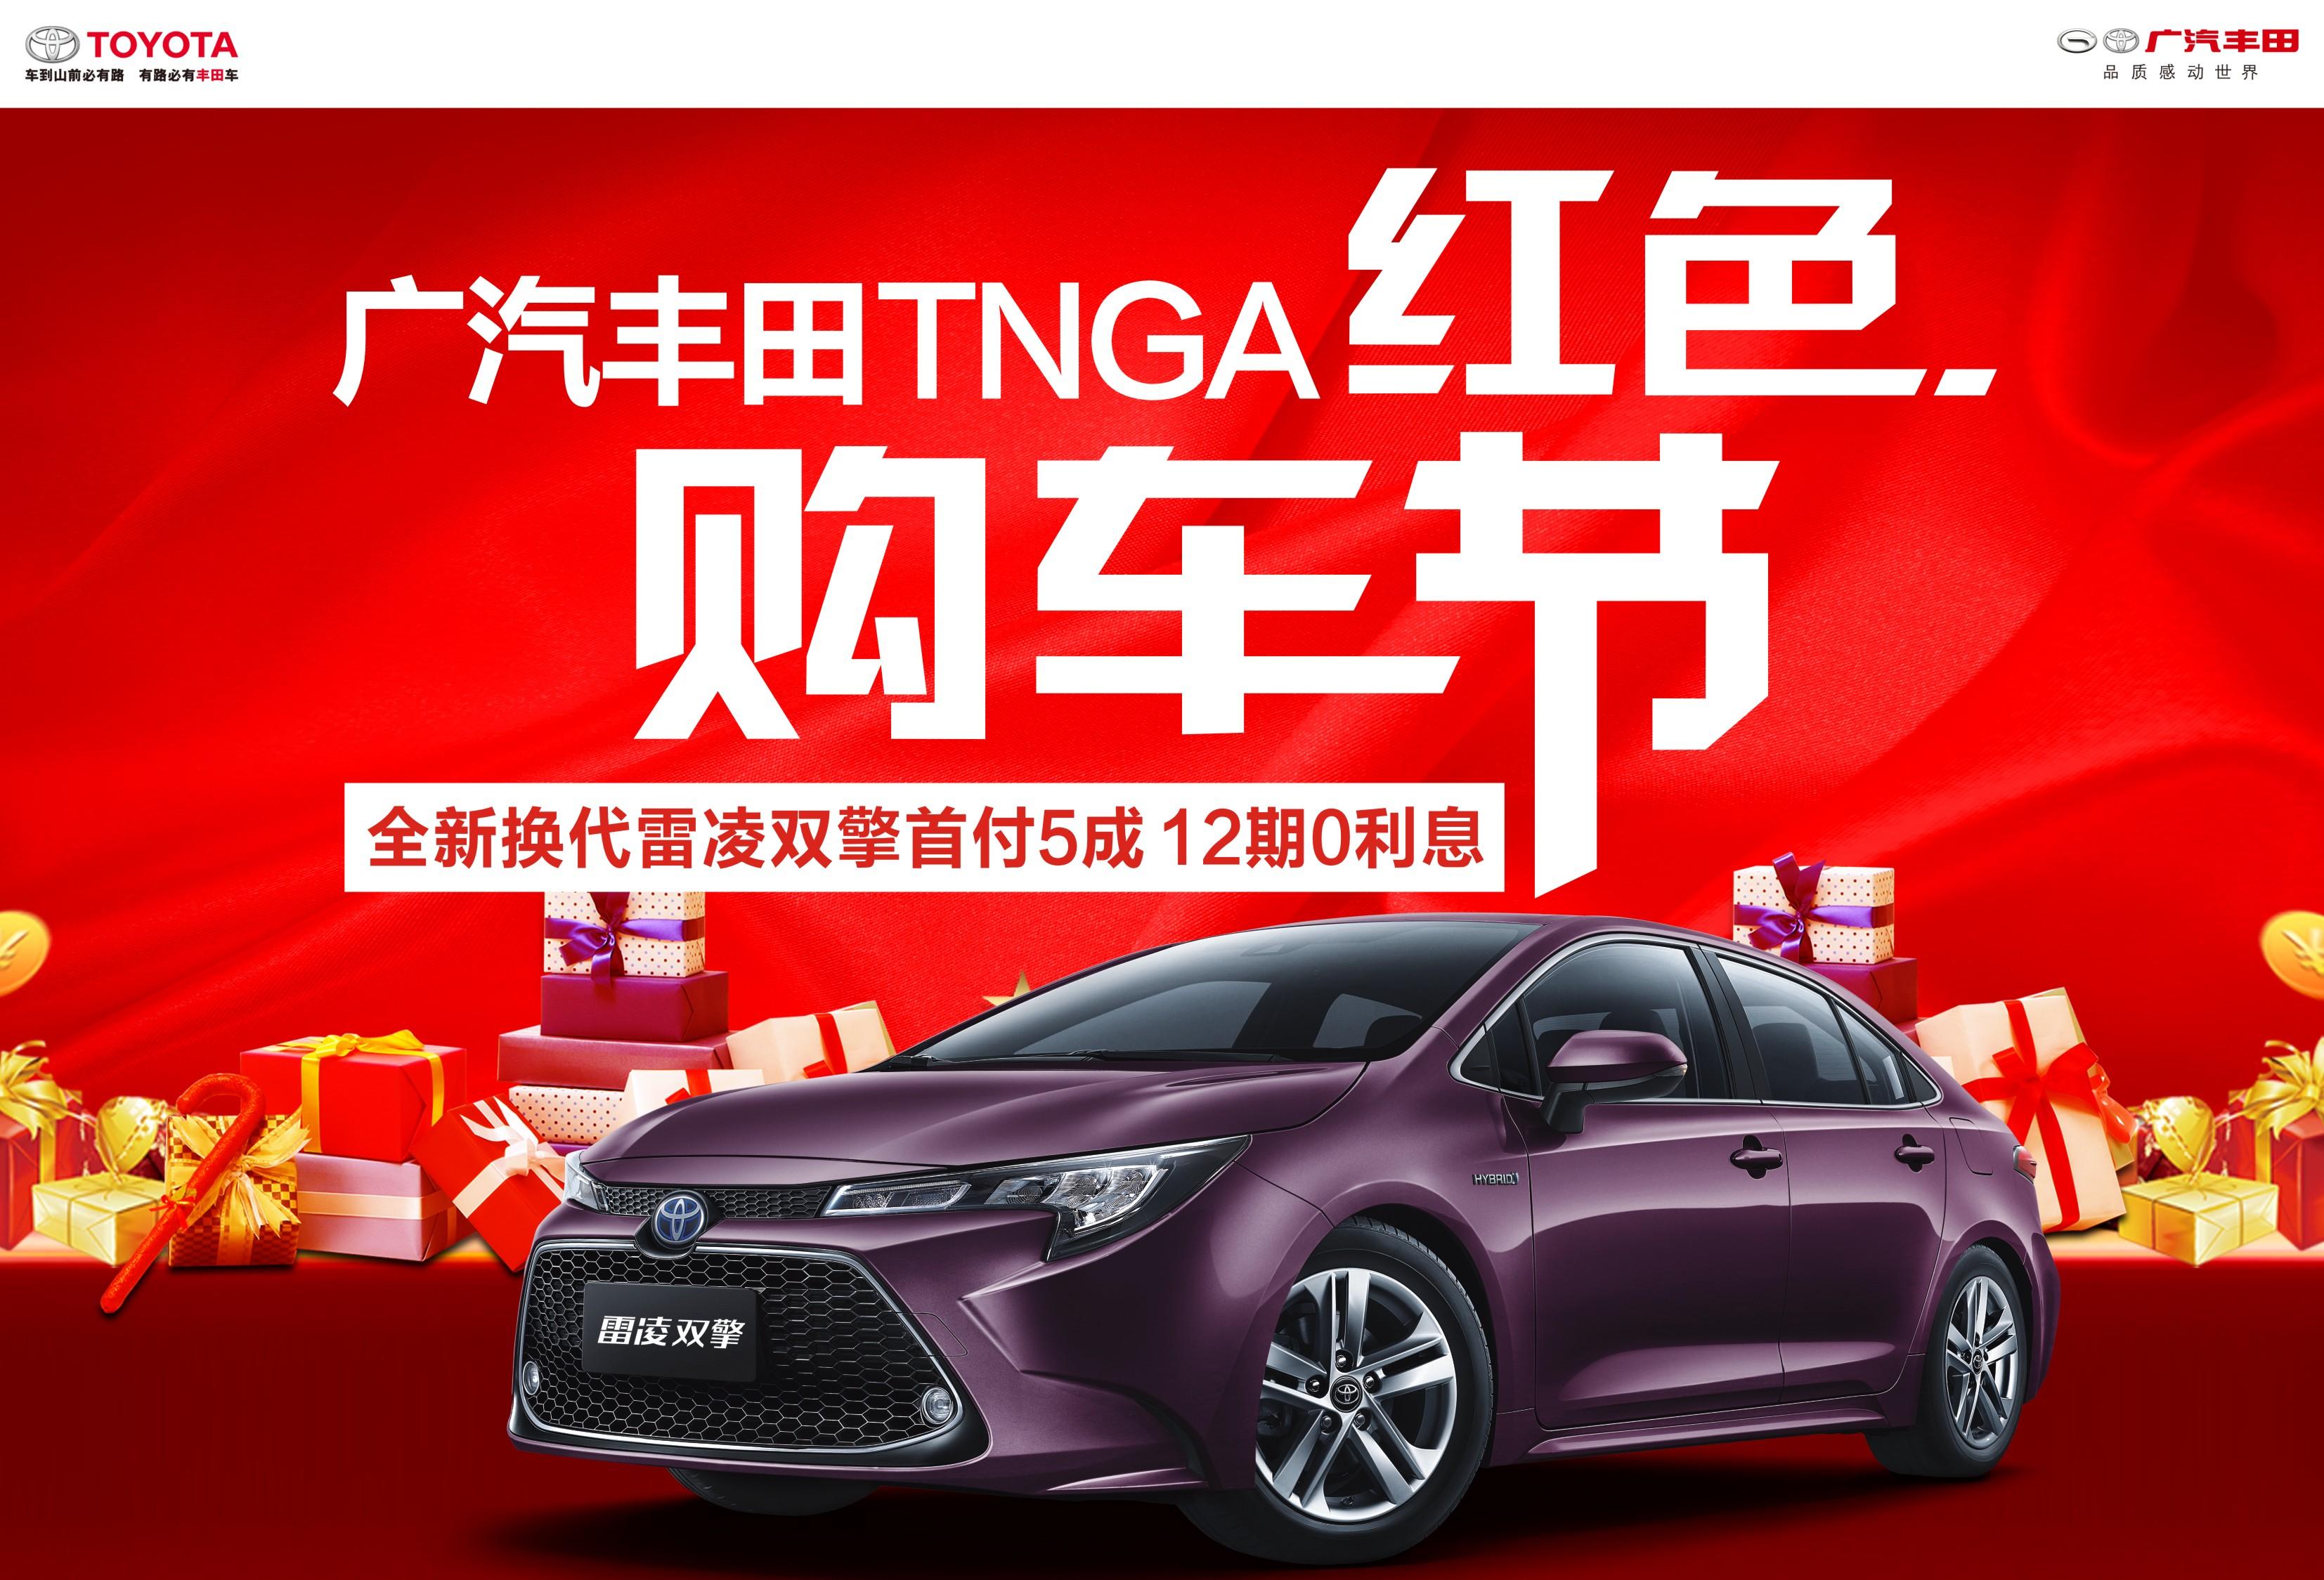 腾讯分分彩TNGA红色购车节,全新换代雷凌双擎享首付5成,12期0利息;